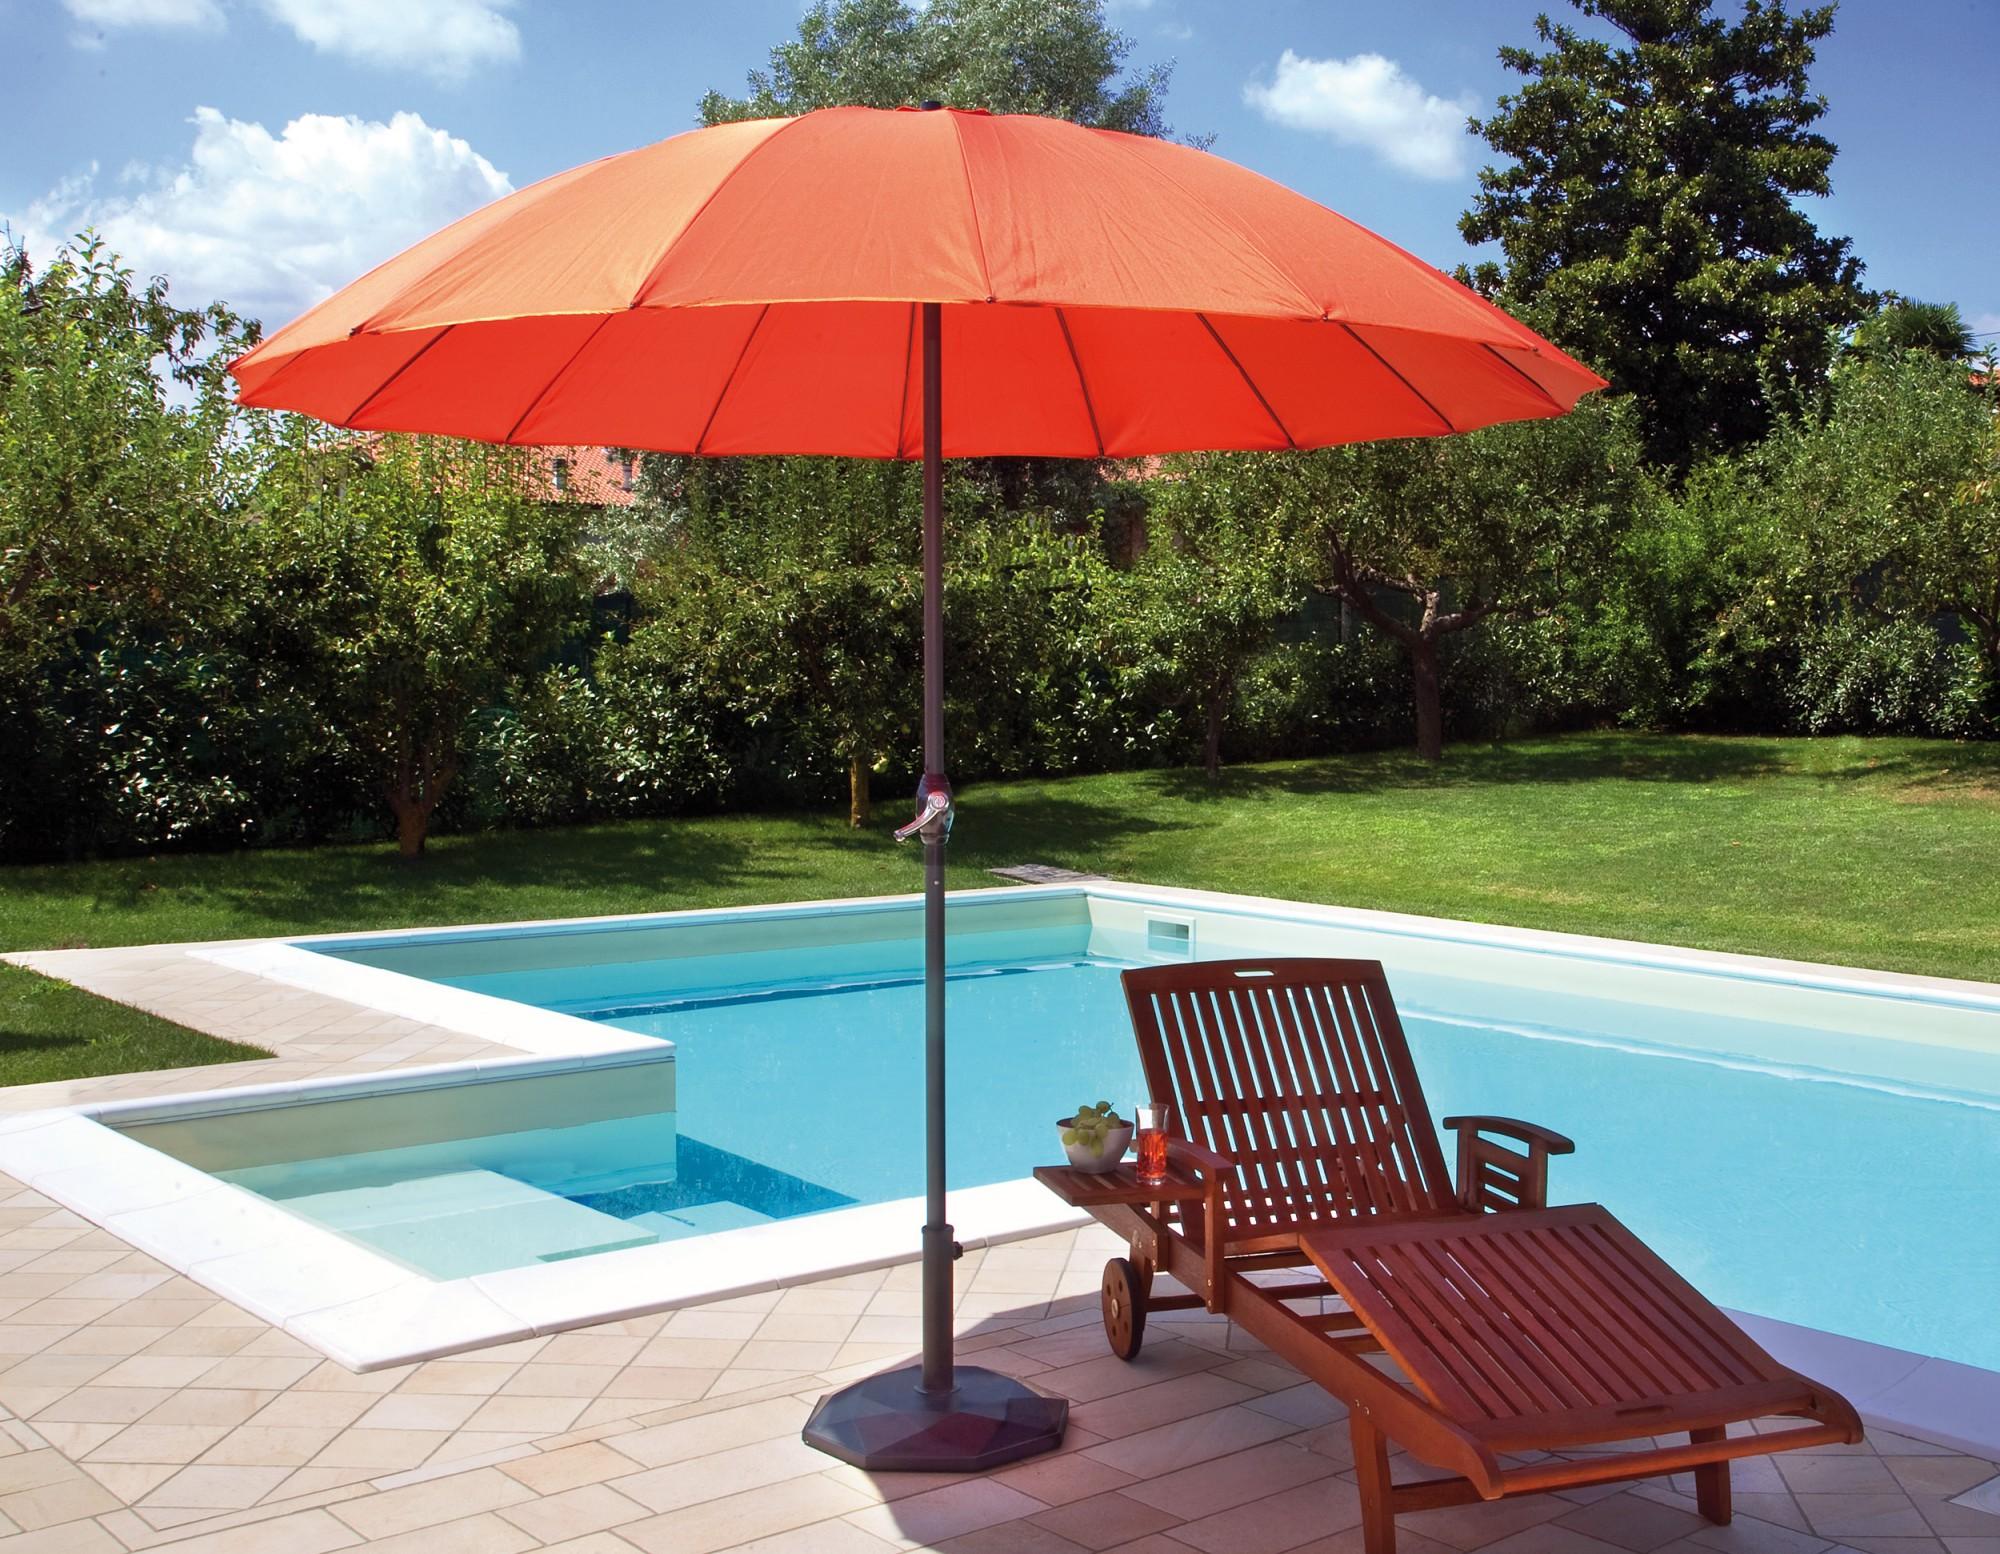 Llega el calor y con él, el uso de carpas y parasoles para tu jardín ...